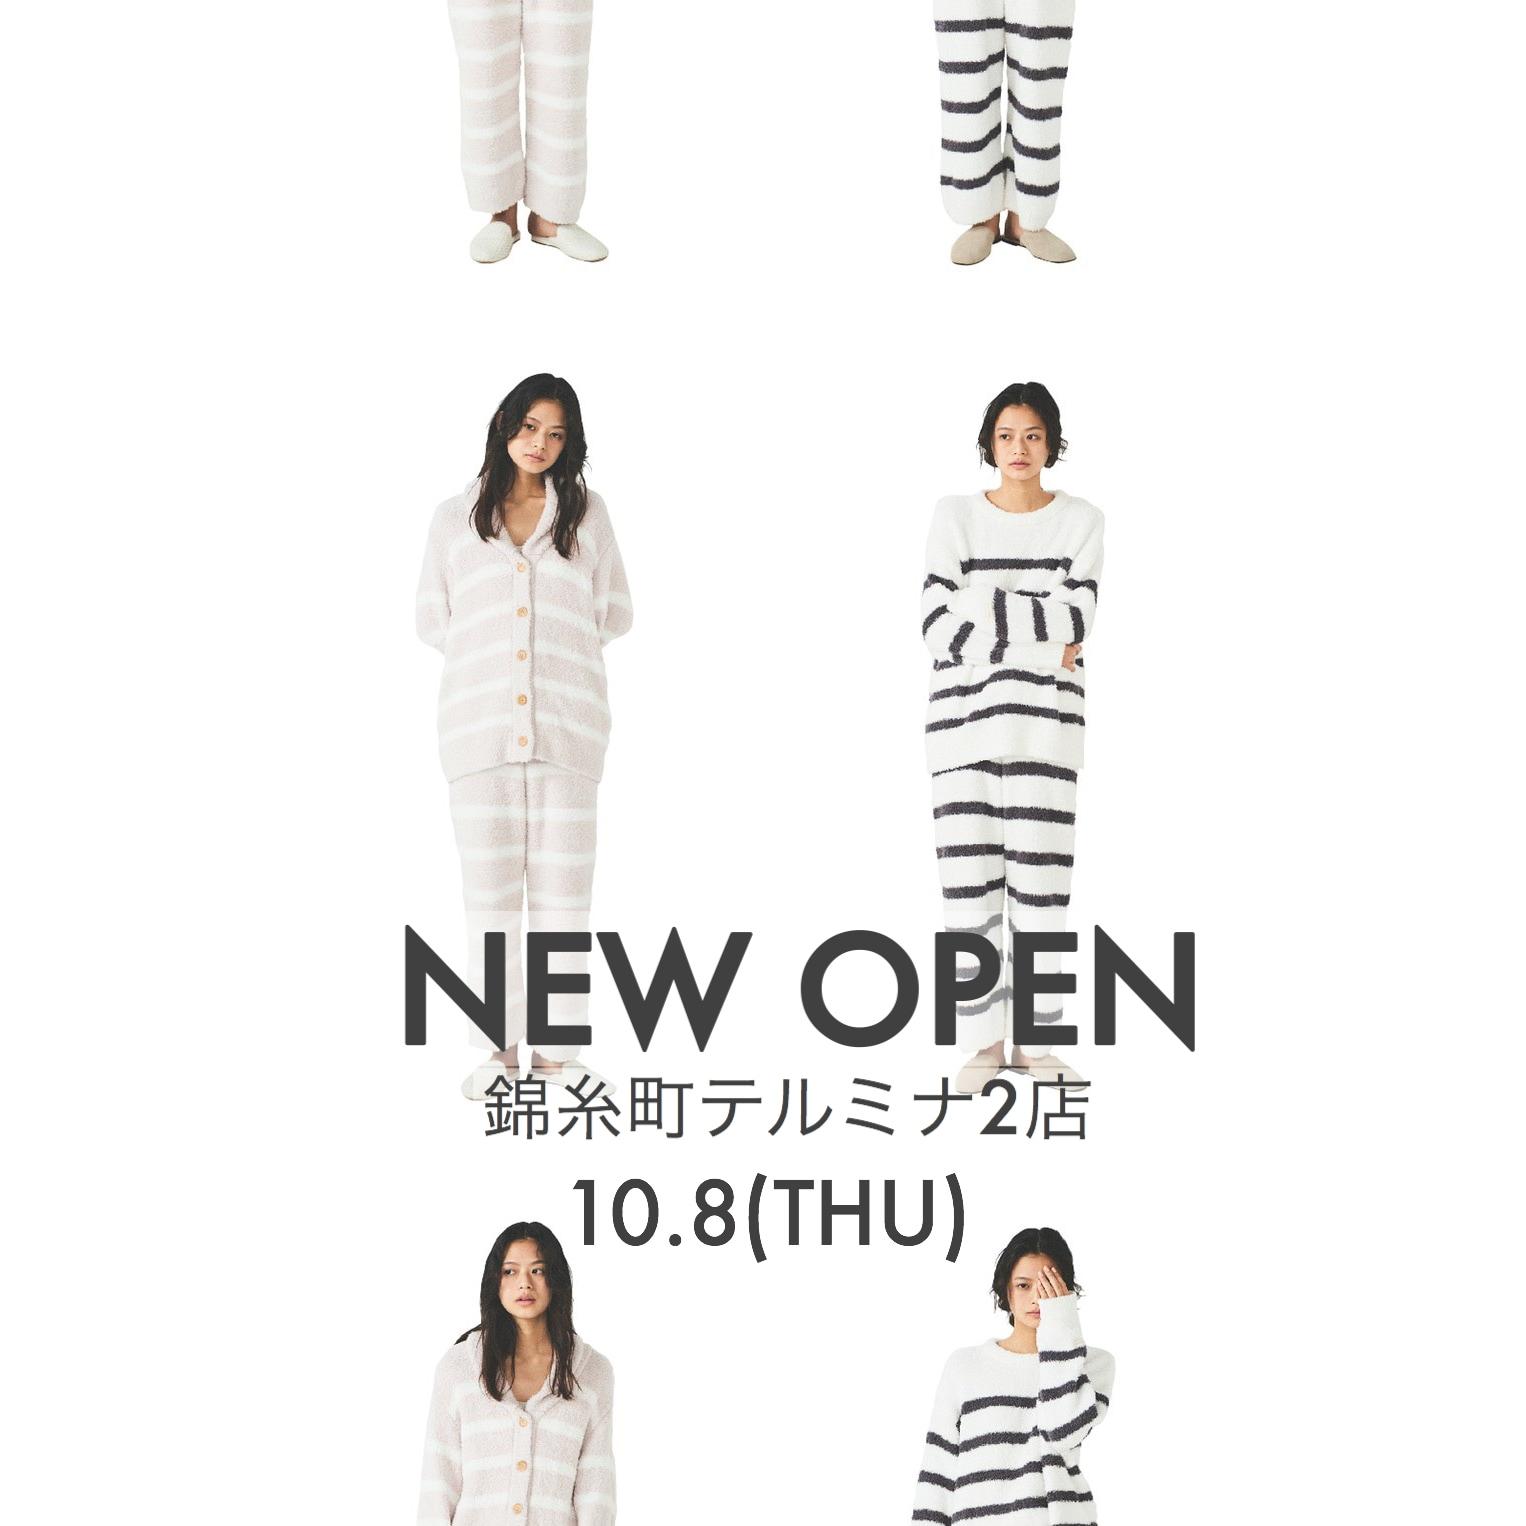 錦糸町テルミナ店 NEW OPEN -img